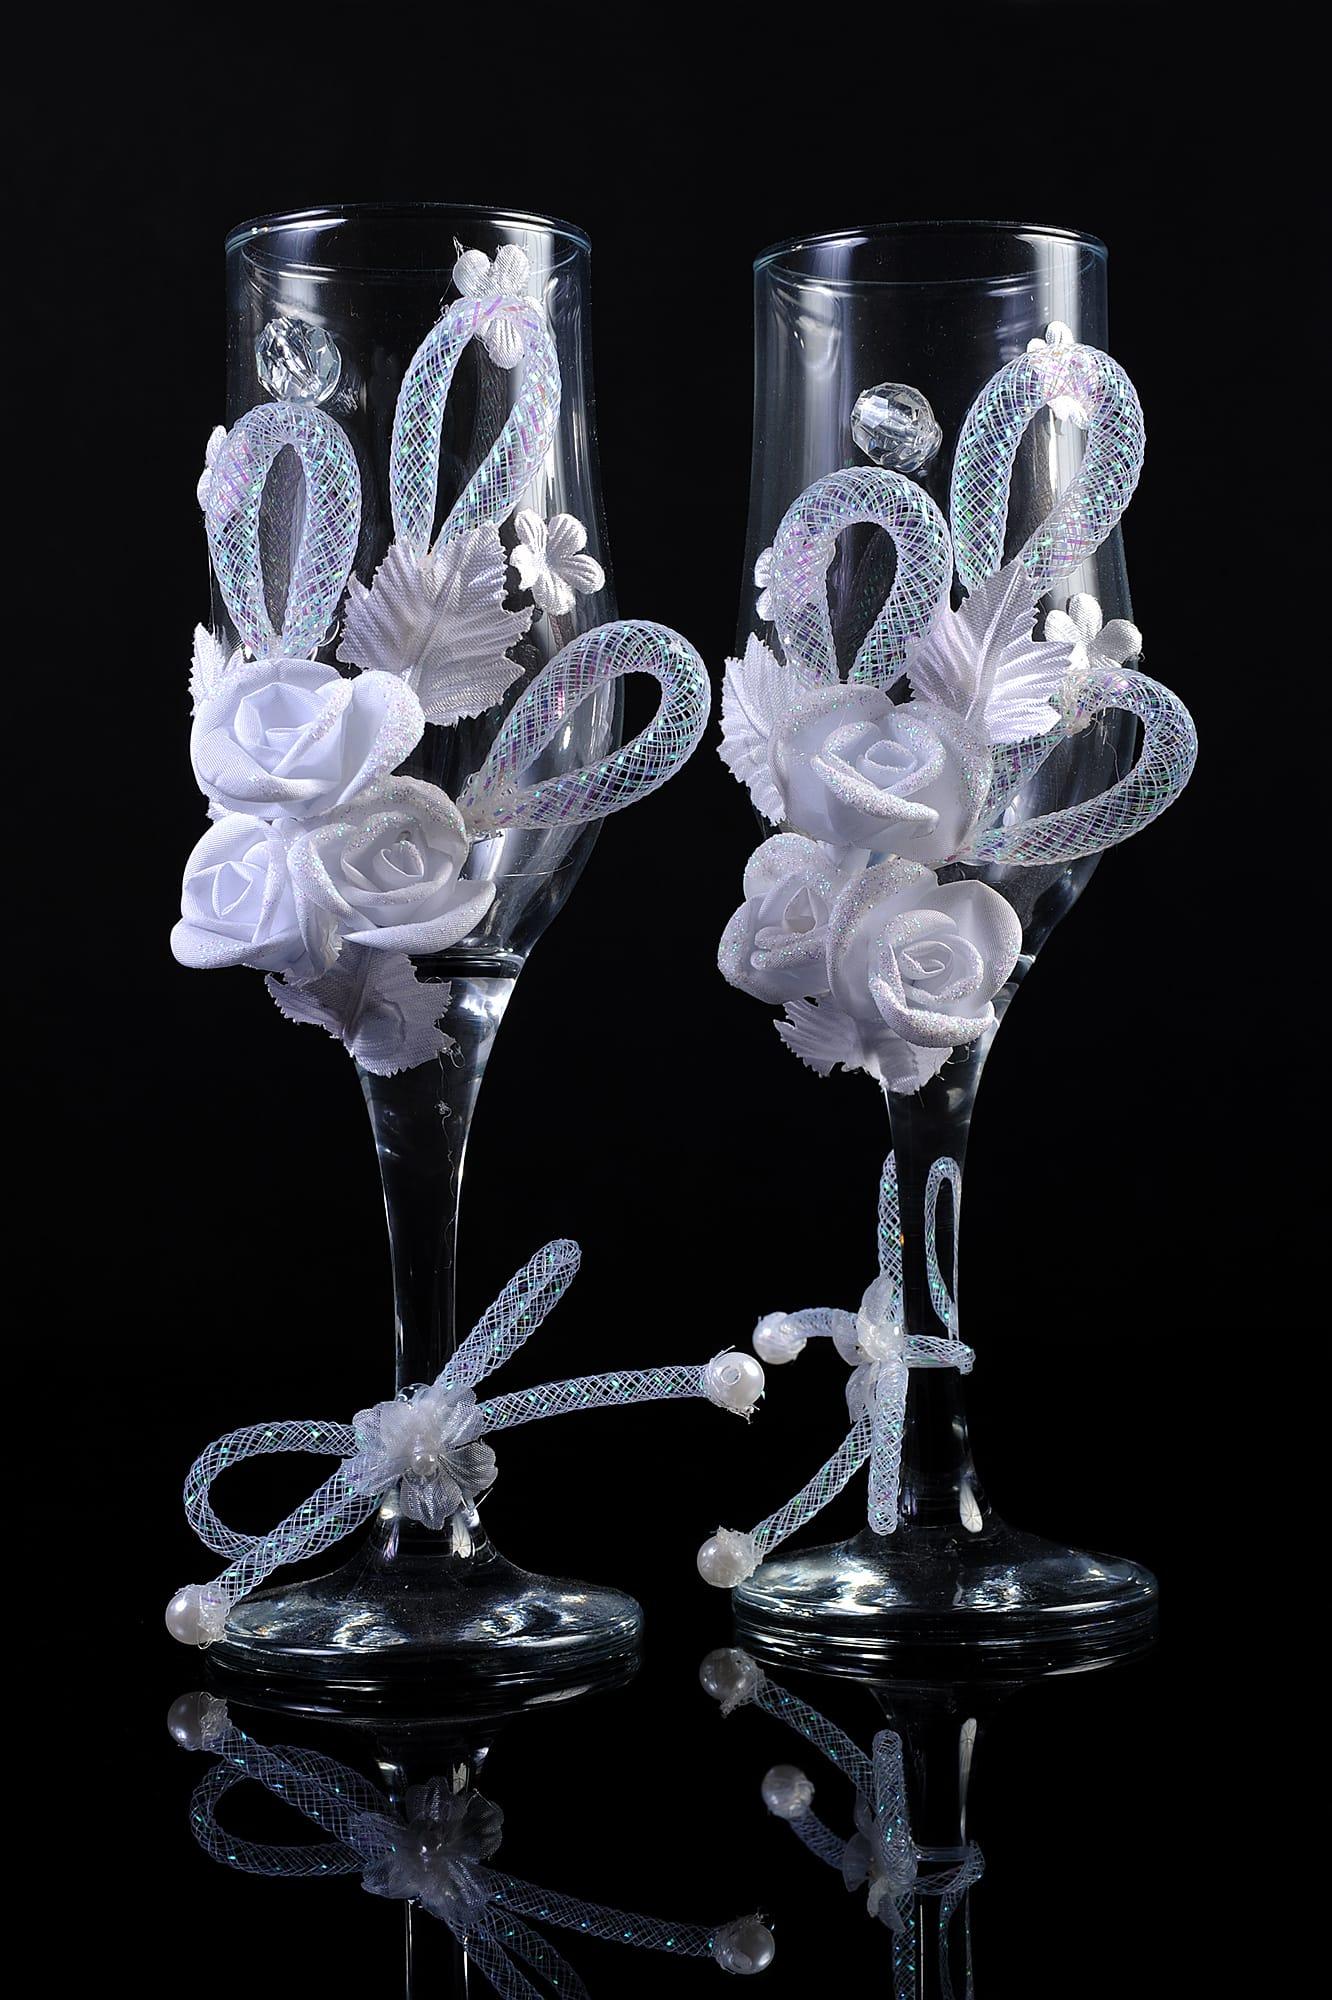 Прозрачные свадебные фужеры с оригинальной объемной отделкой белого цвета.